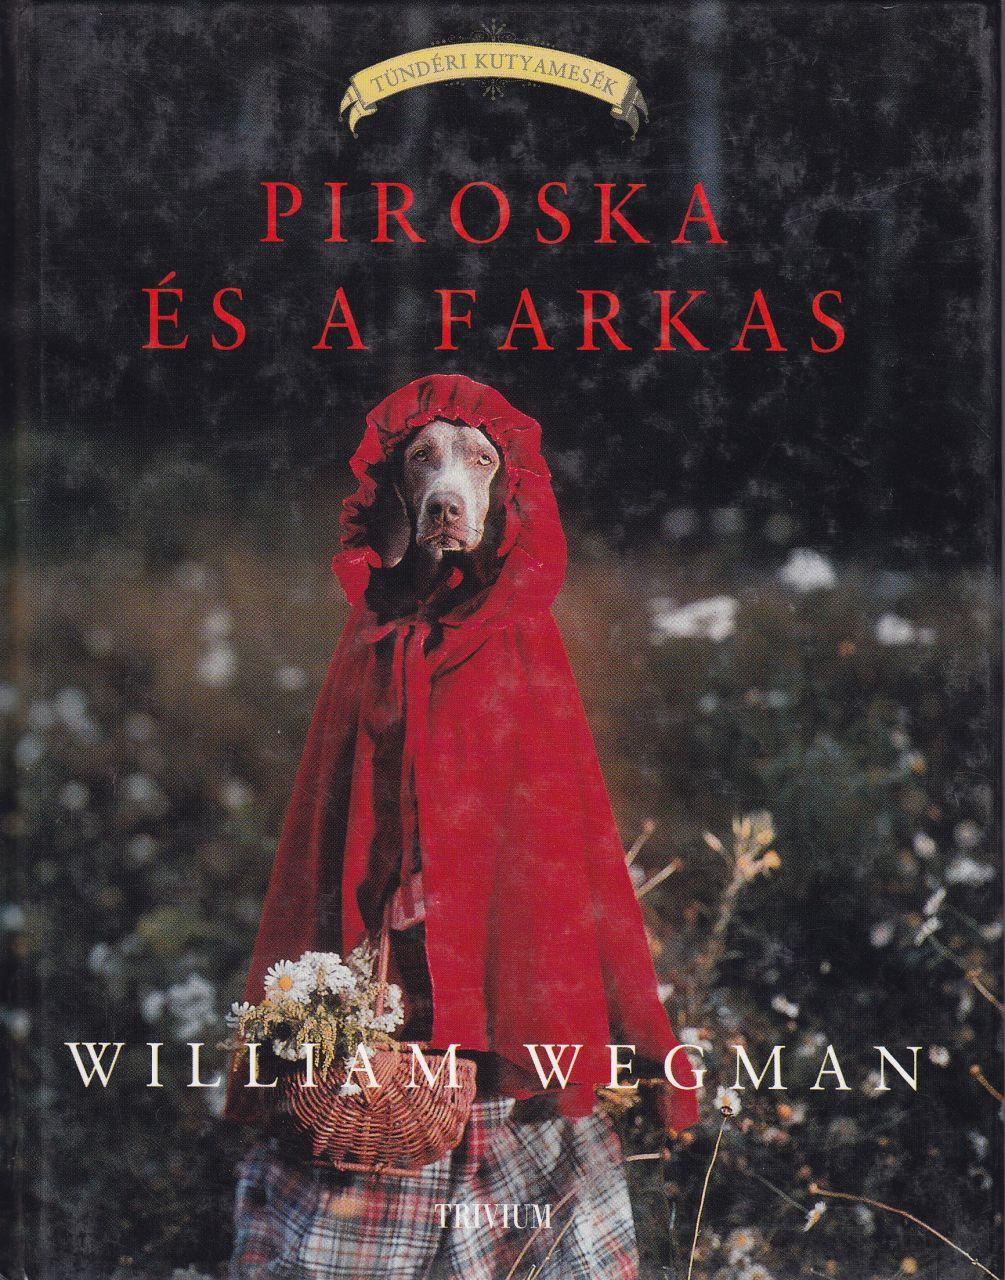 Piroska és a farkas – Tündéri kutyamesék (könyv)